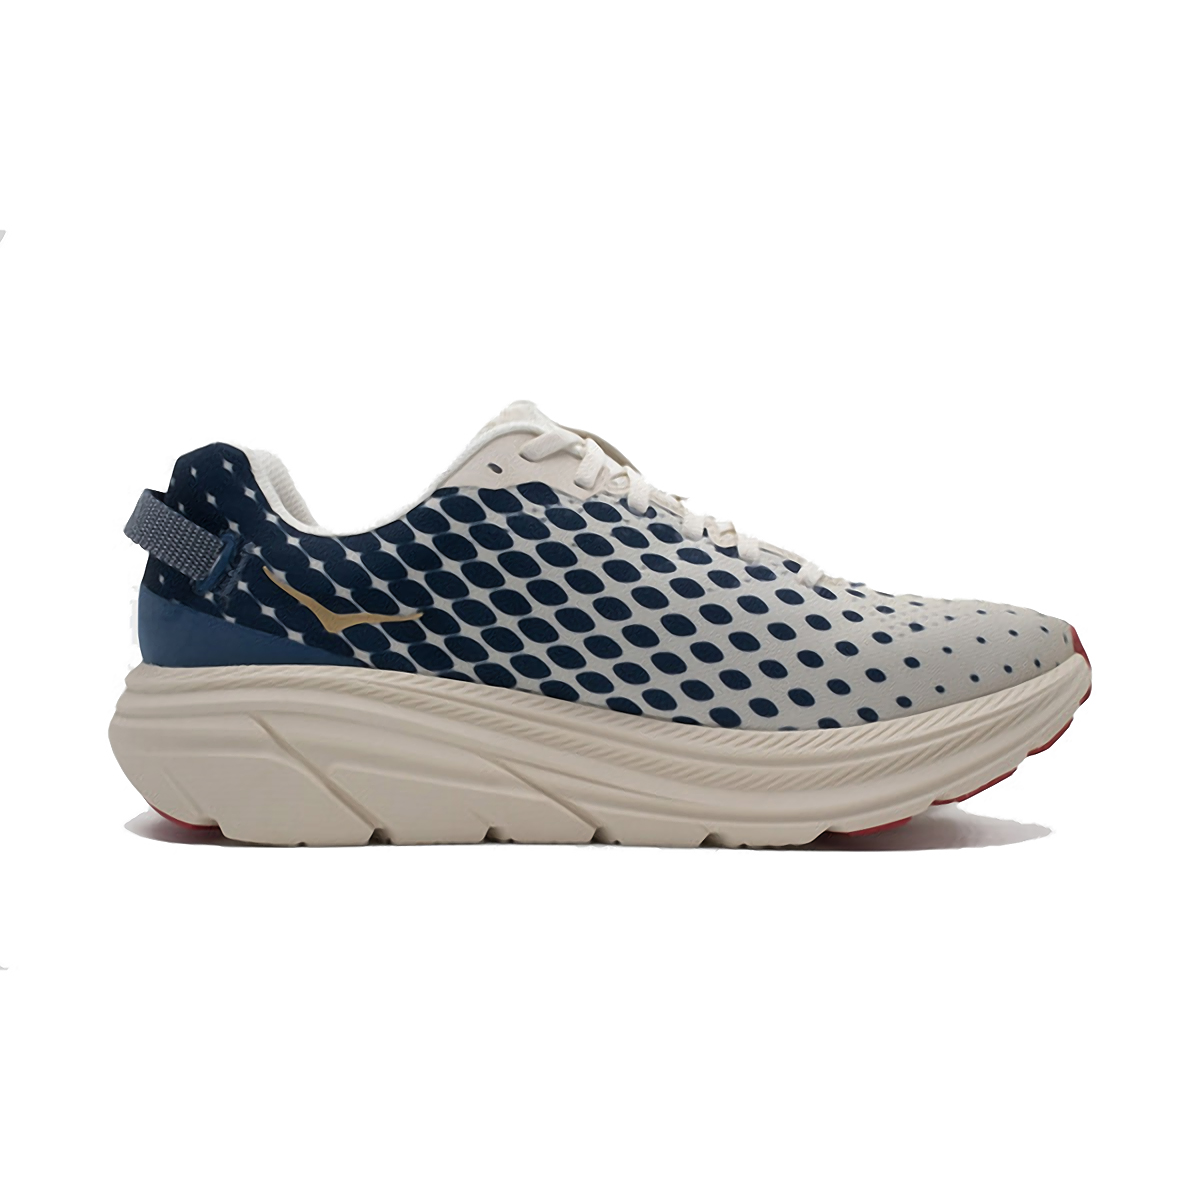 Women's Hoka One One Rincon TK Running Shoe - Color: Vintage Indigo - Size: 5 - Width: Regular, Vintage Indigo, large, image 1